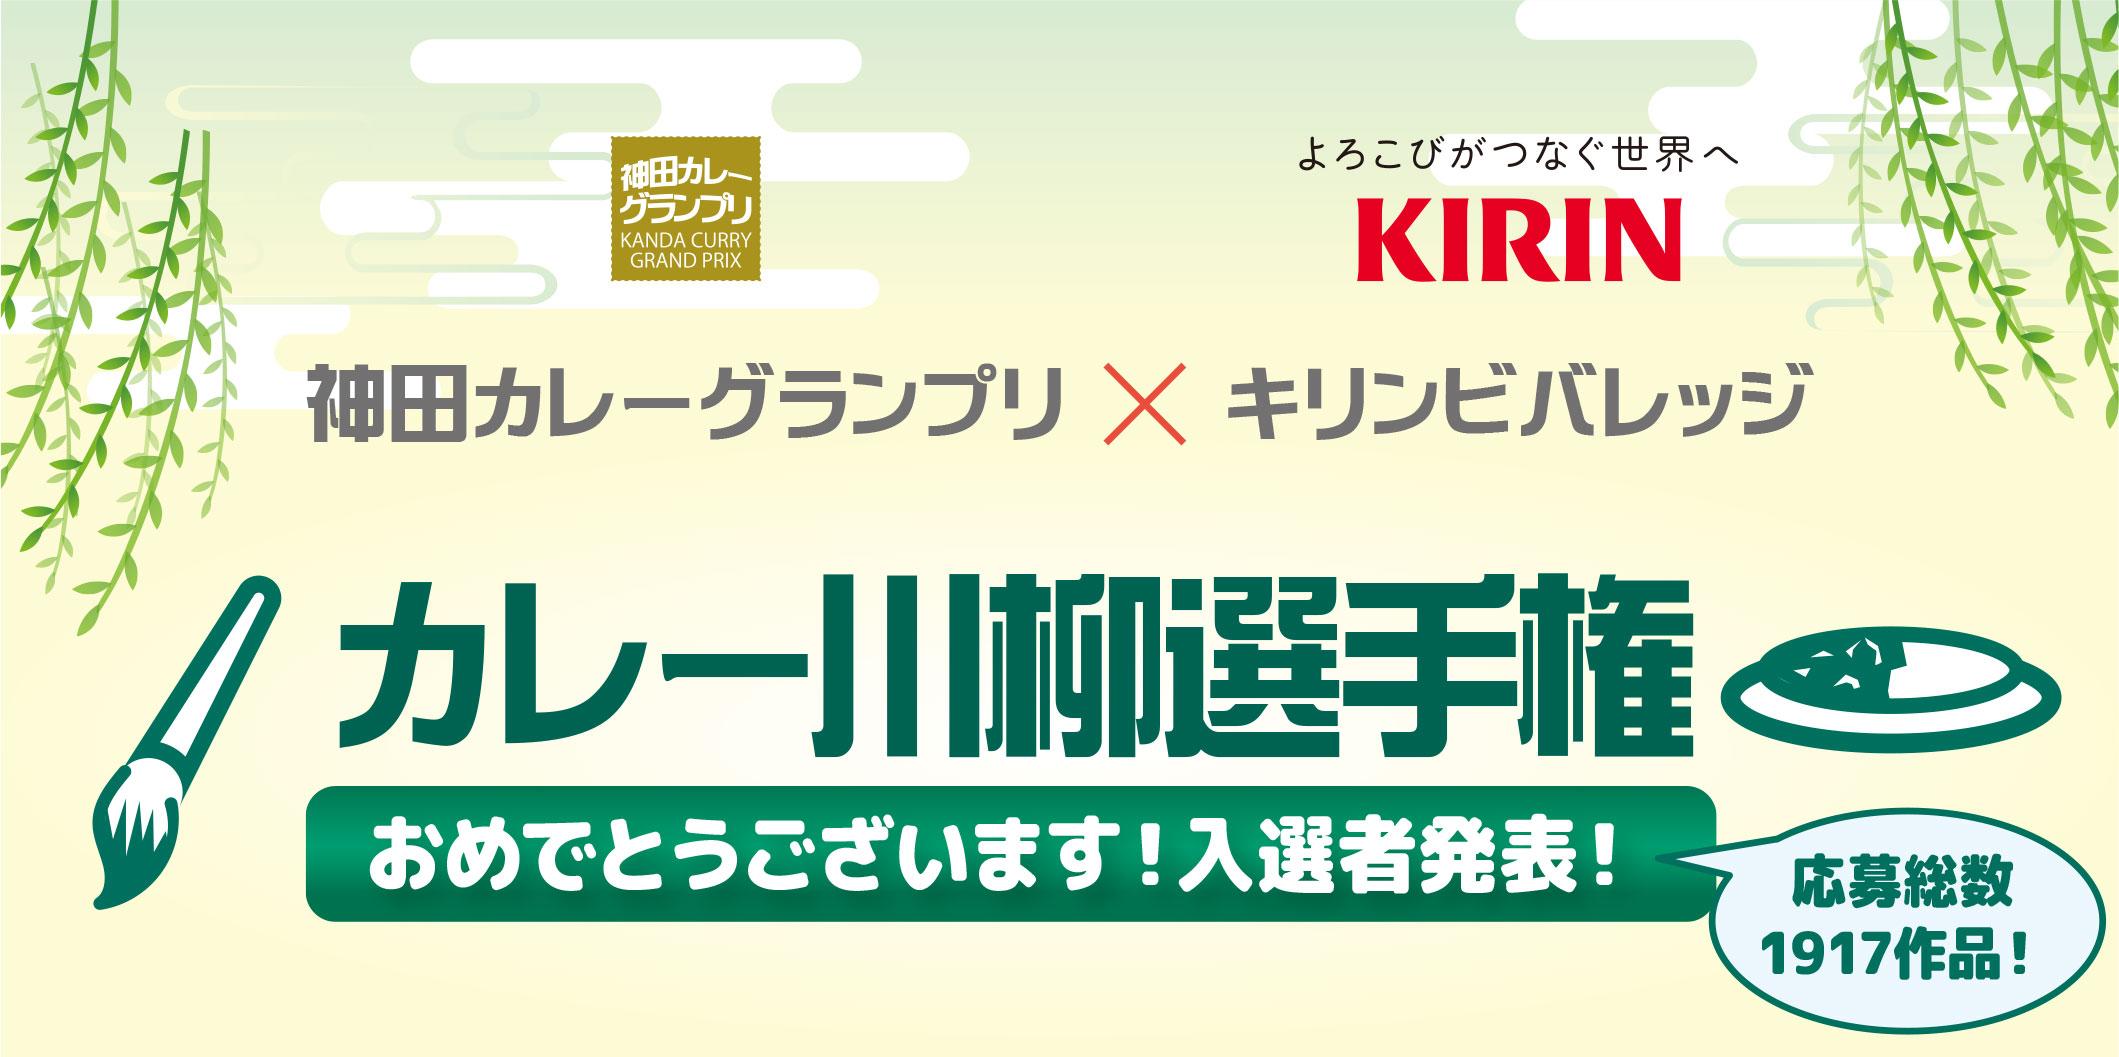 カレー川柳選手権 入選者発表